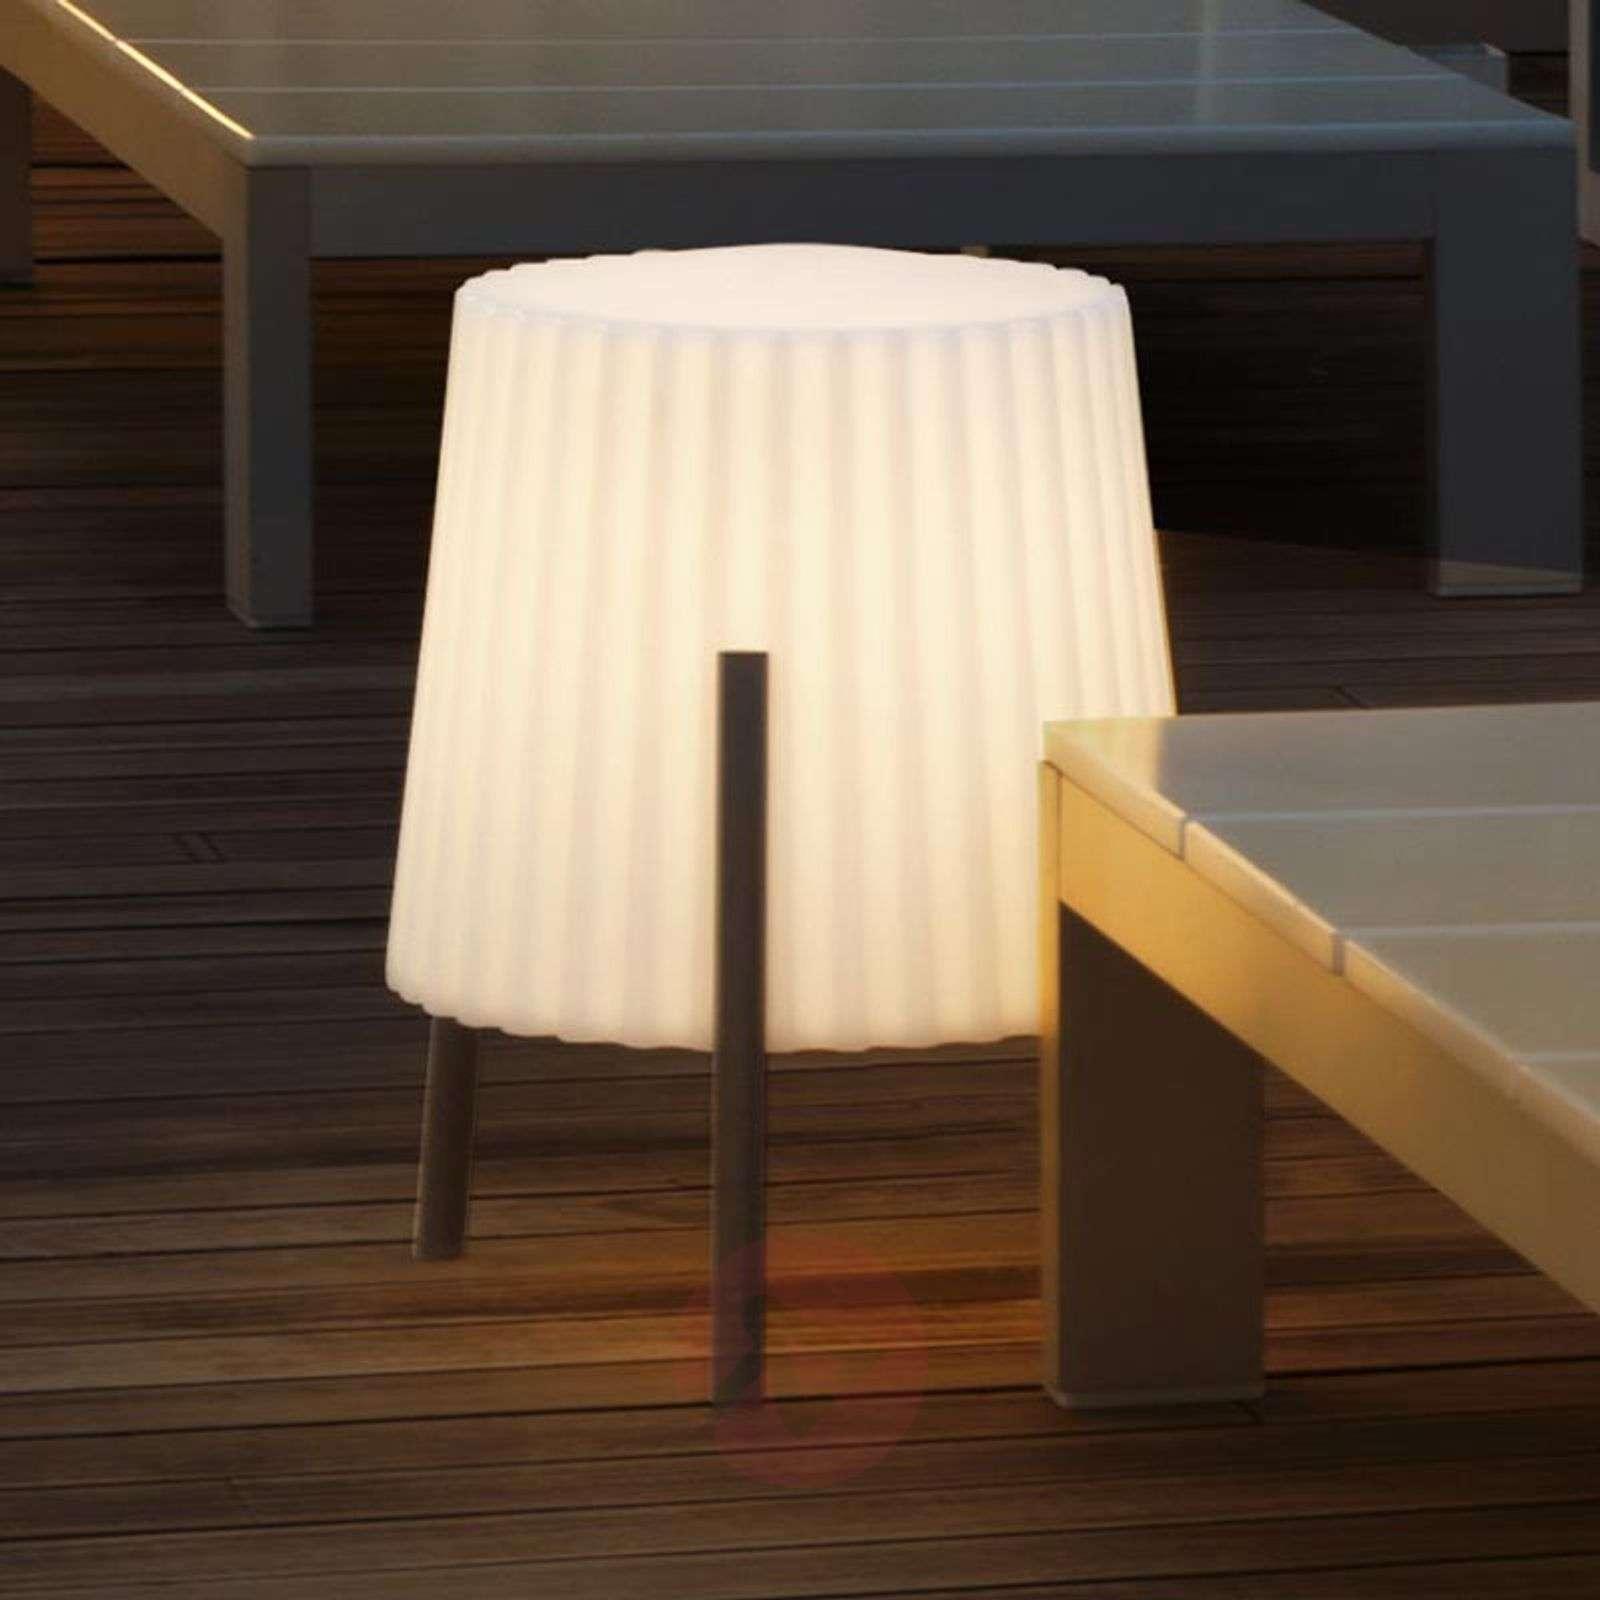 Moderni lattiavalaisin Barcino ulkotiloihin-6025634-01